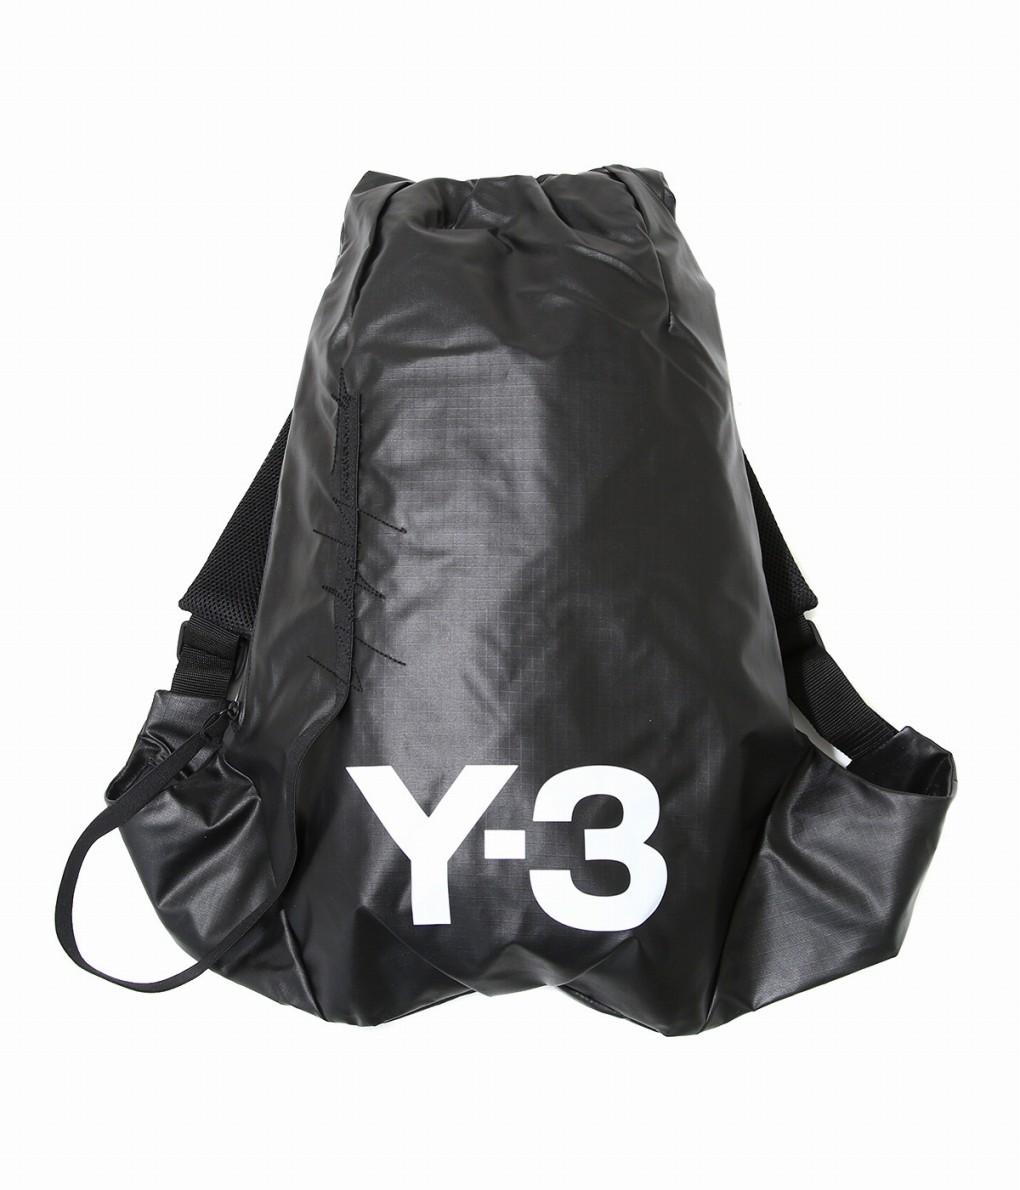 Y-3 / ワイスリー : Y-3 YOHJI BP II : ヨウジ バックパック ツー ヨウジヤマモト ワイスリー 19SS 19春夏 メンズ レディース : DY0517 【WAX】【BJB】